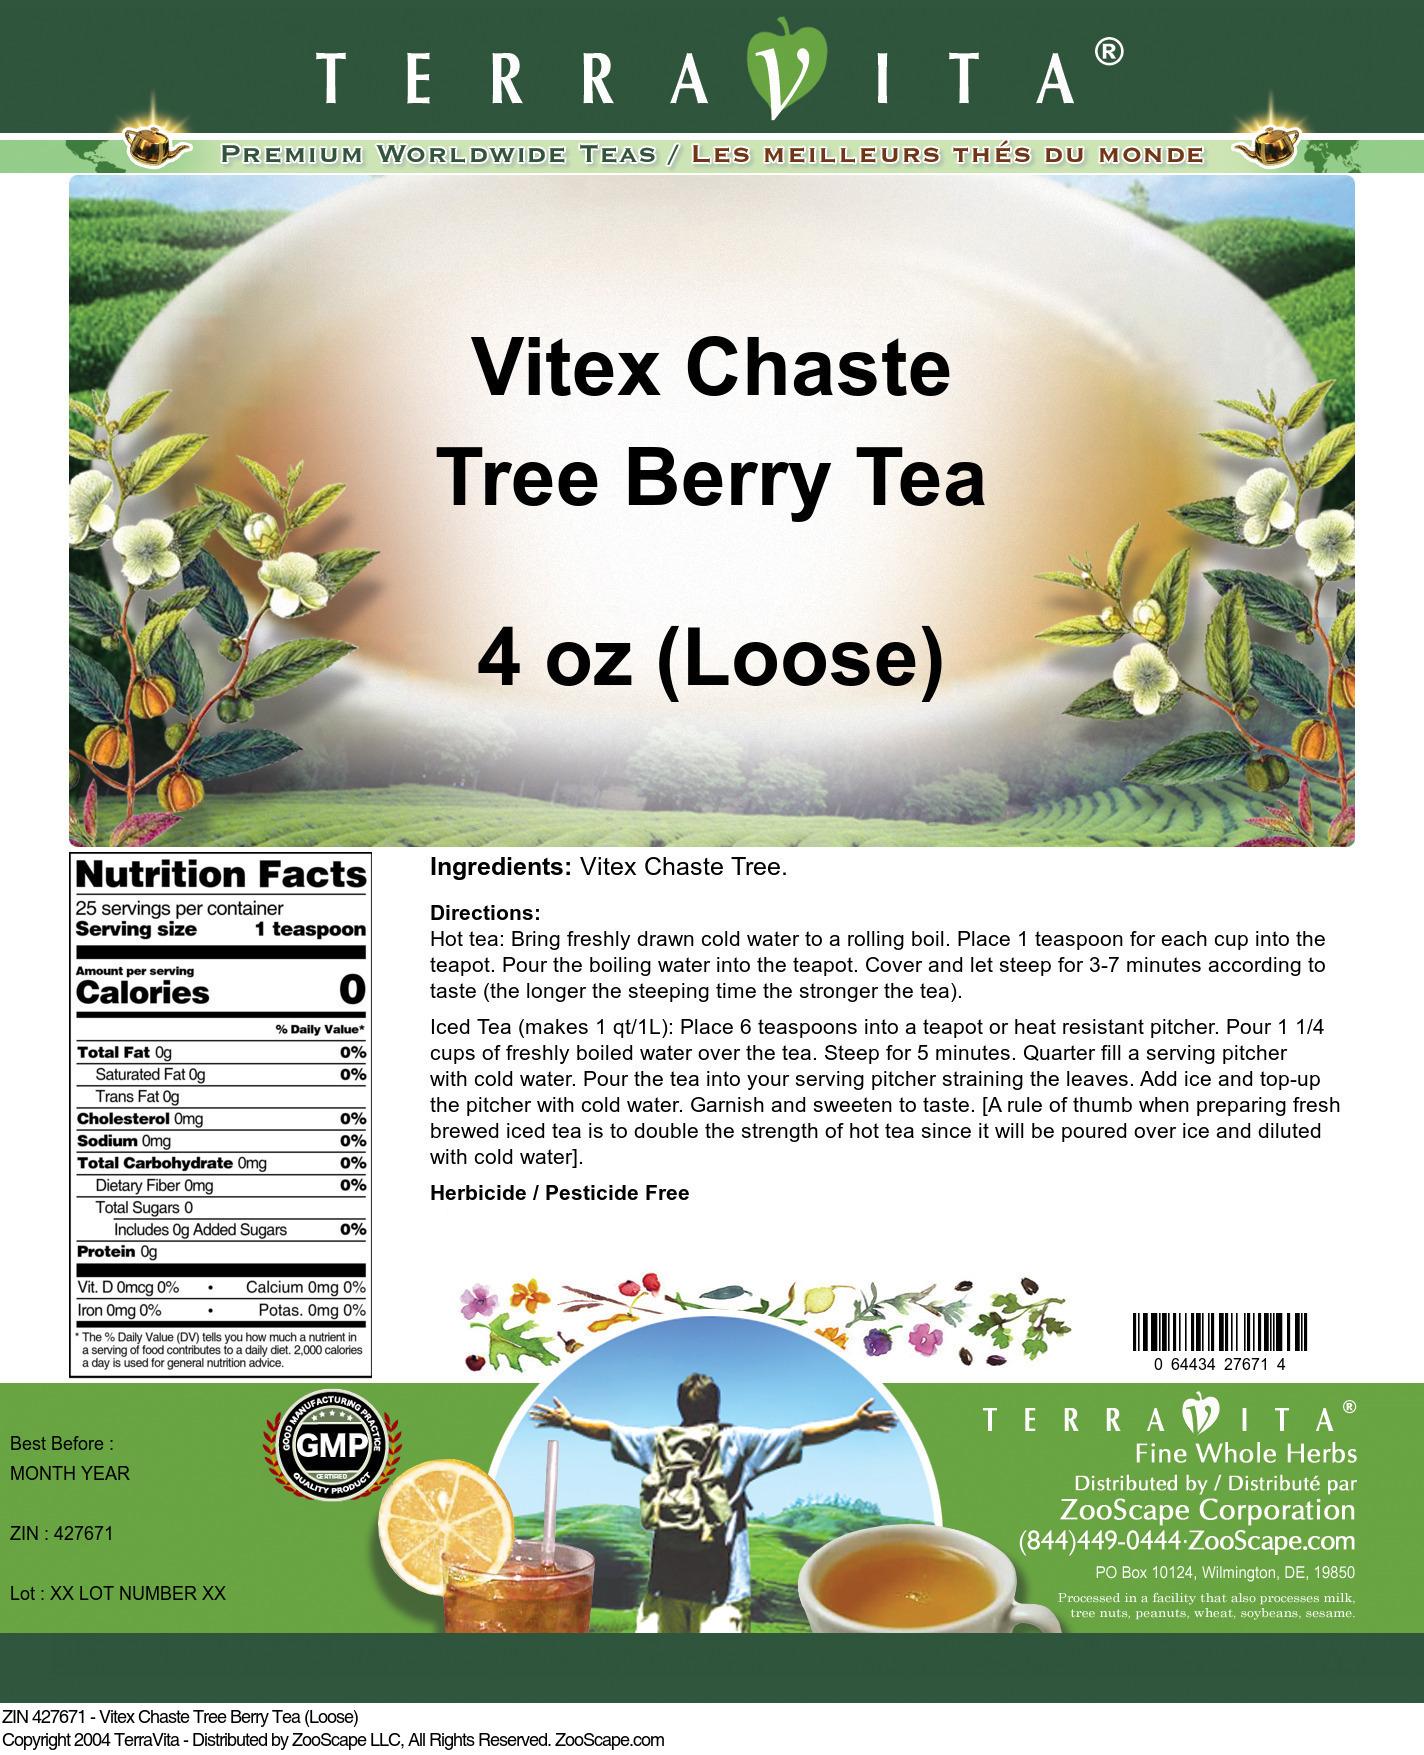 Vitex Chaste Tree Berry Seed Tea (Loose) - Label